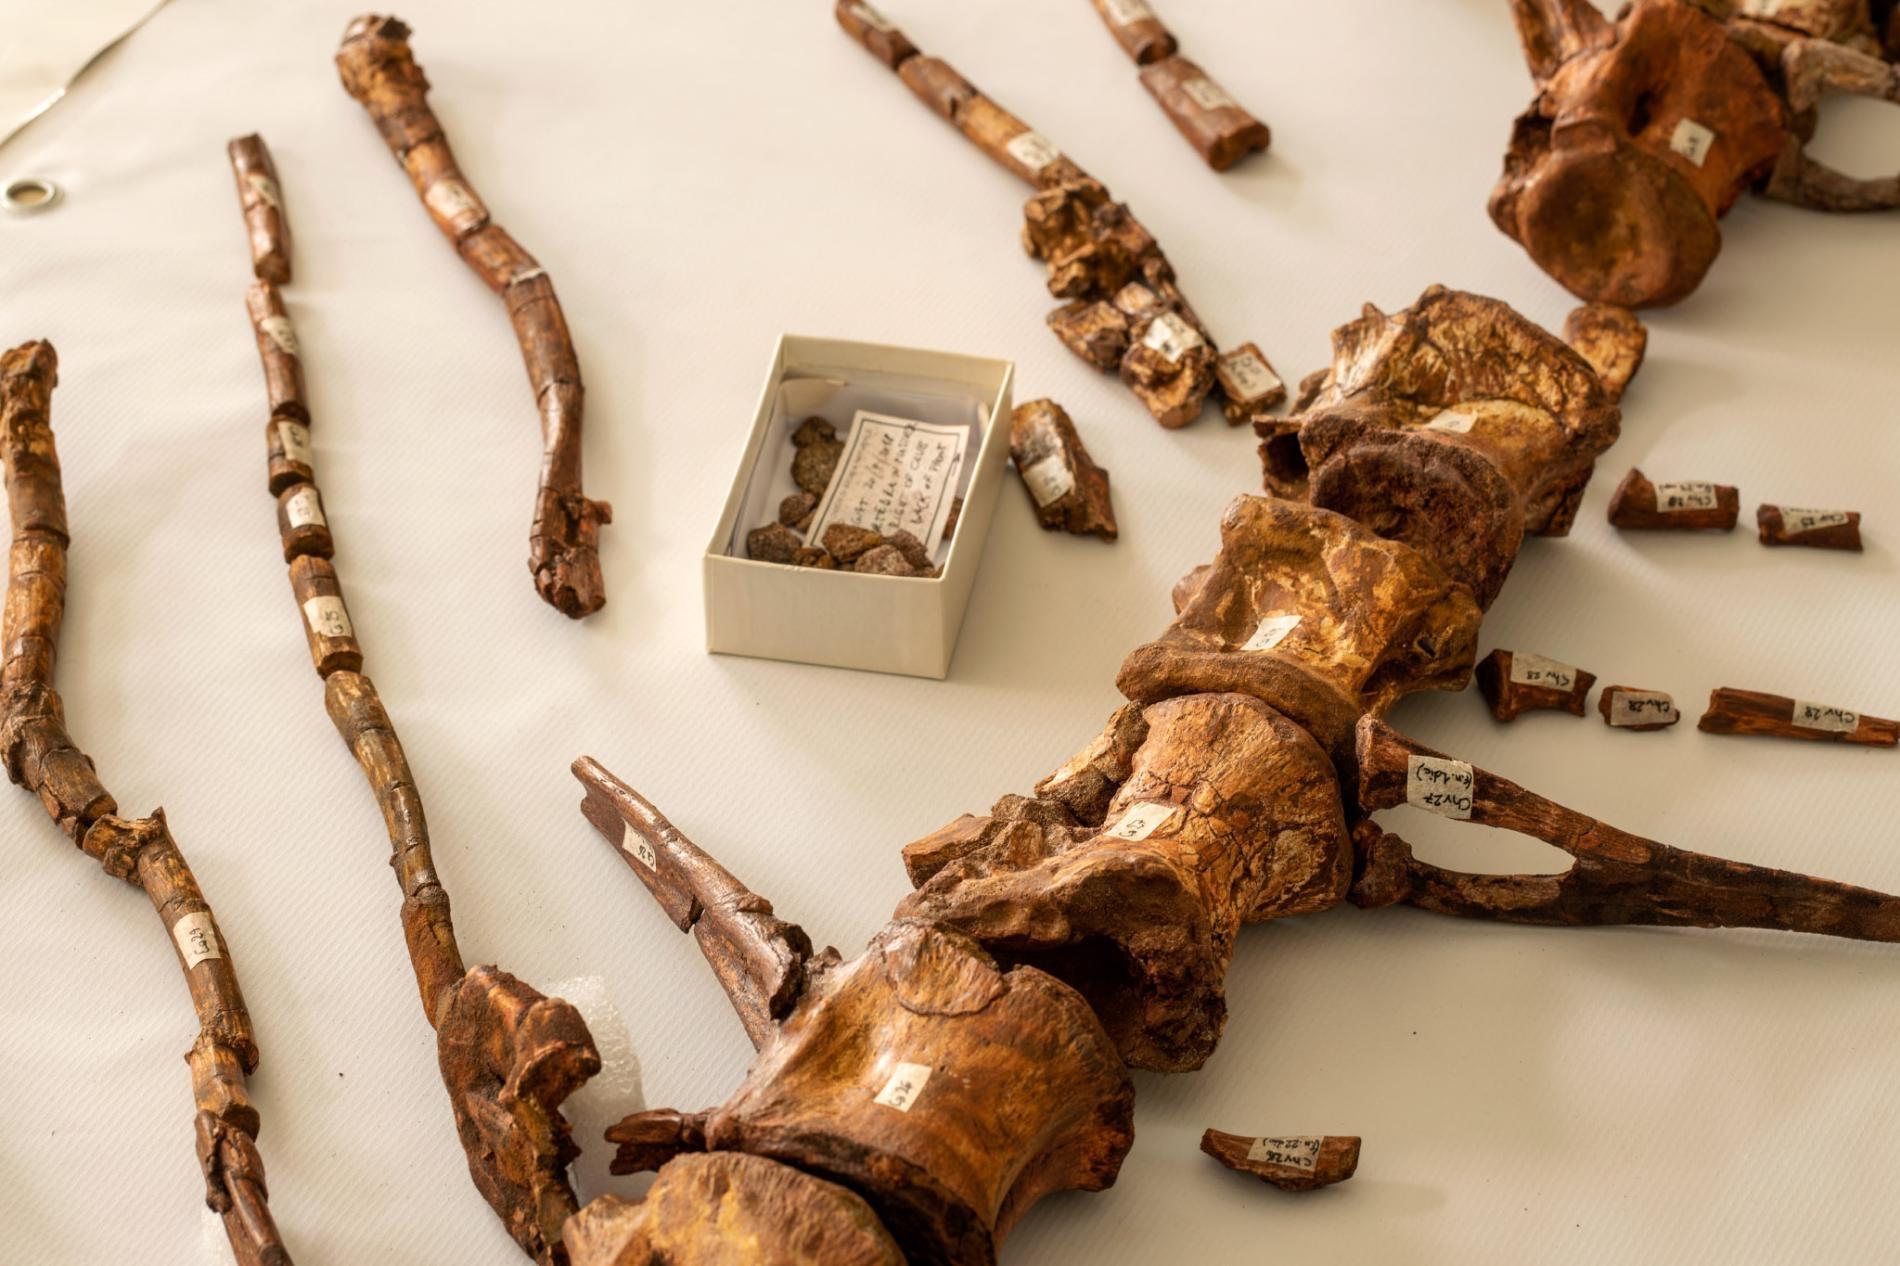 棘龍的尾椎突出長長的脊骨。棘龍還在世的時候,這些凸出物增加了牠的尾巴表面積並且形塑出尾部似槳的形狀。PHOTOGRAPH BY PAOLO VERZONE, NATIONAL GEOGRAPHIC